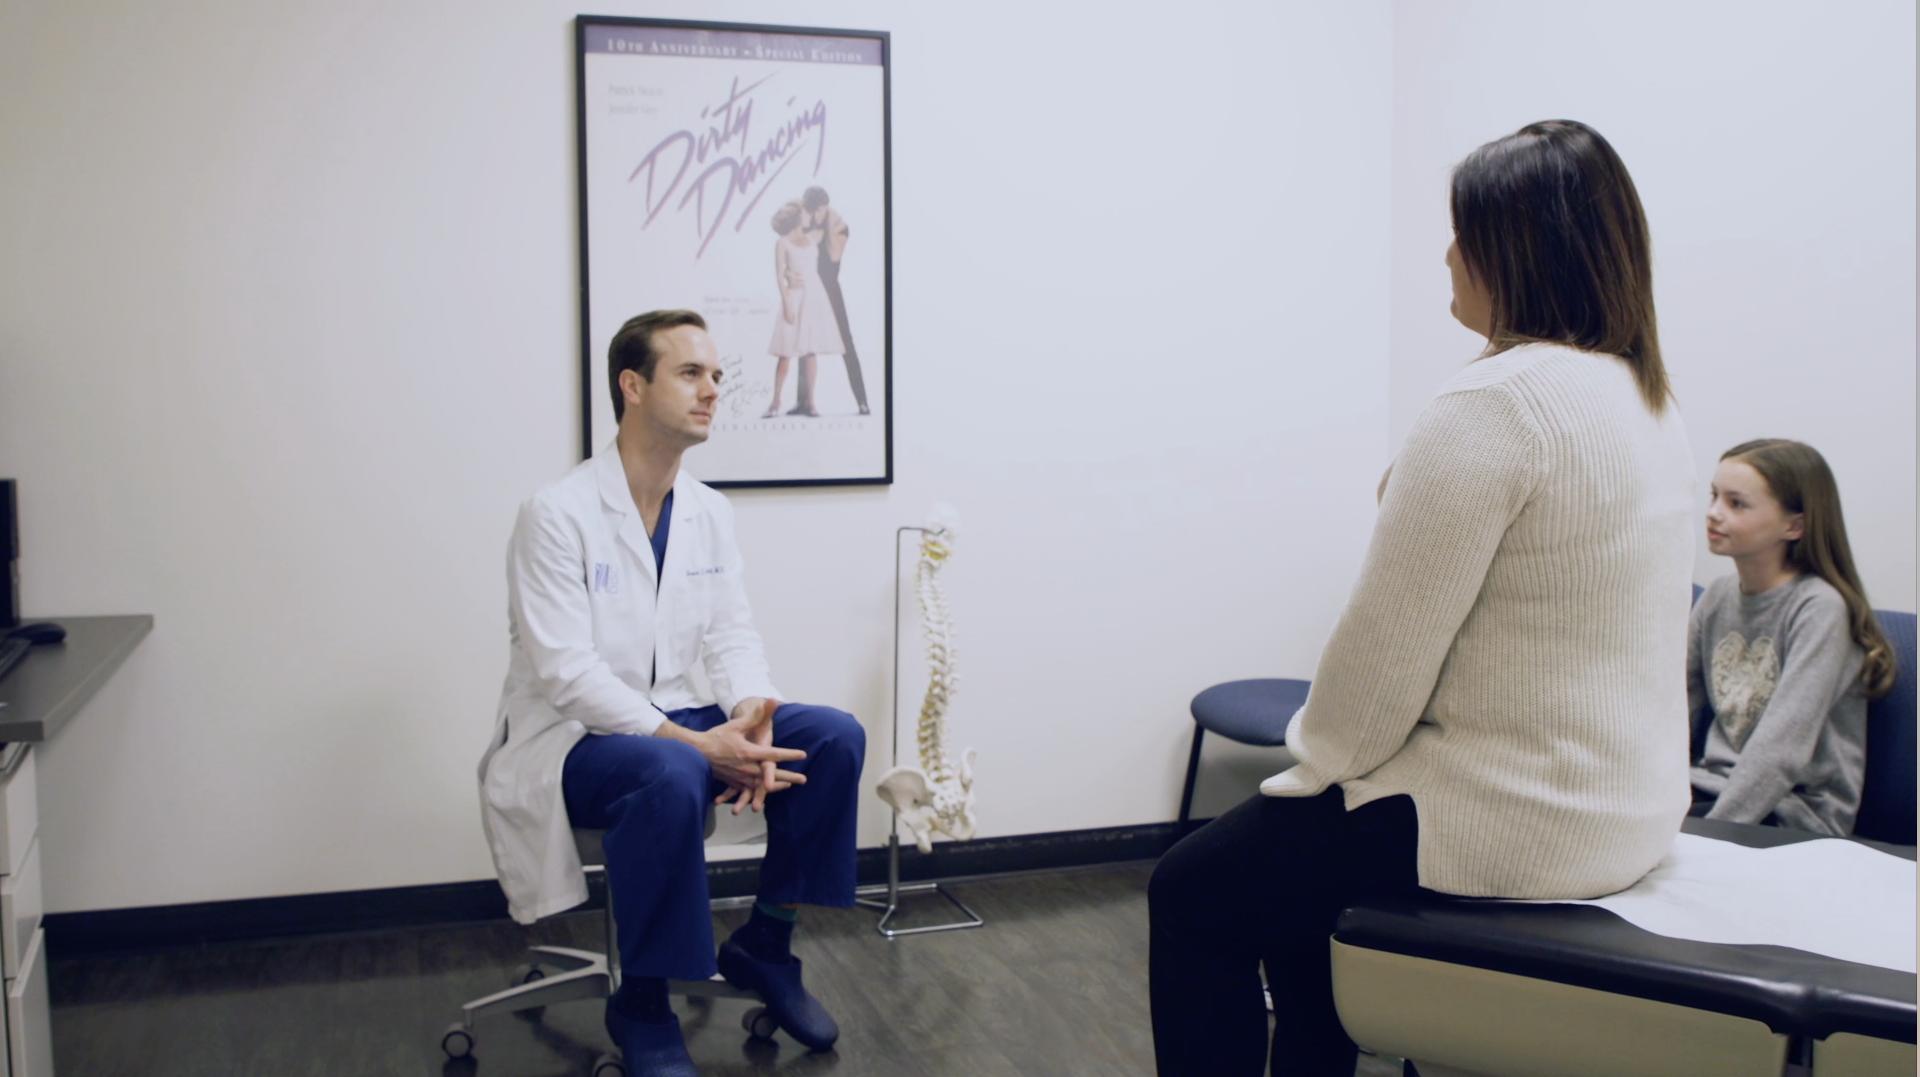 grant in clinic